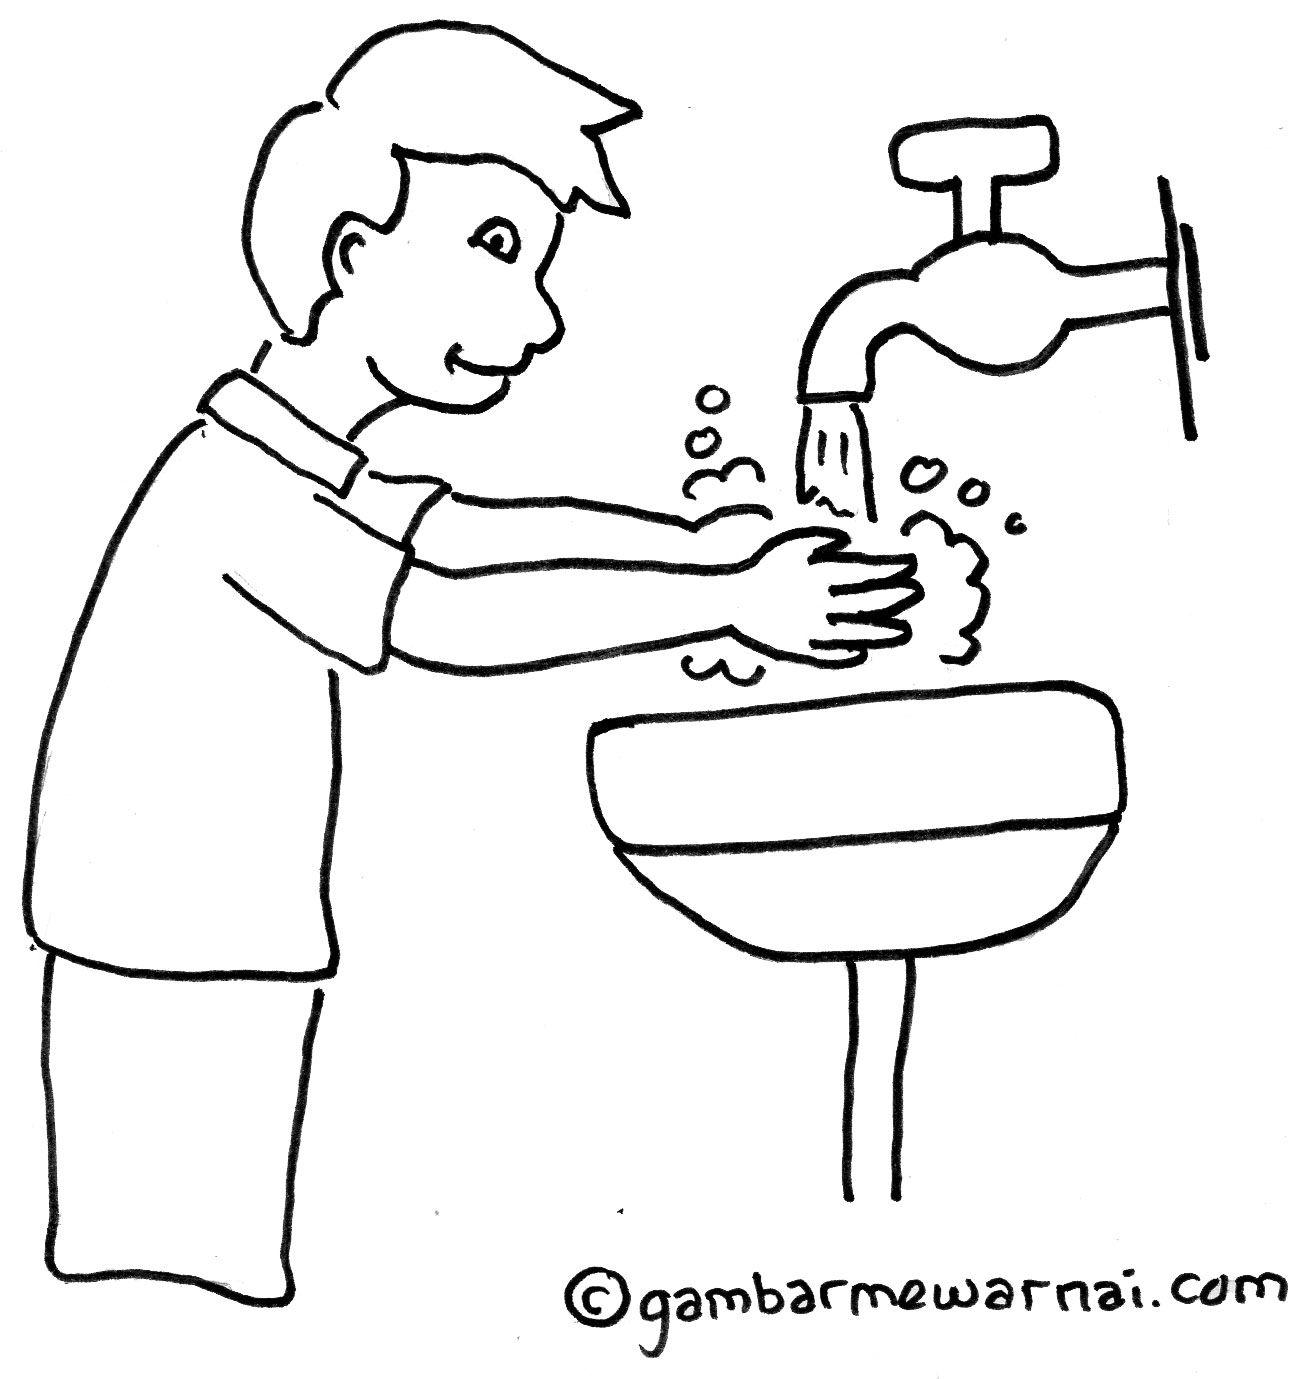 Contoh Gambar Mewarnai Anak Mencuci Tangan Kartun